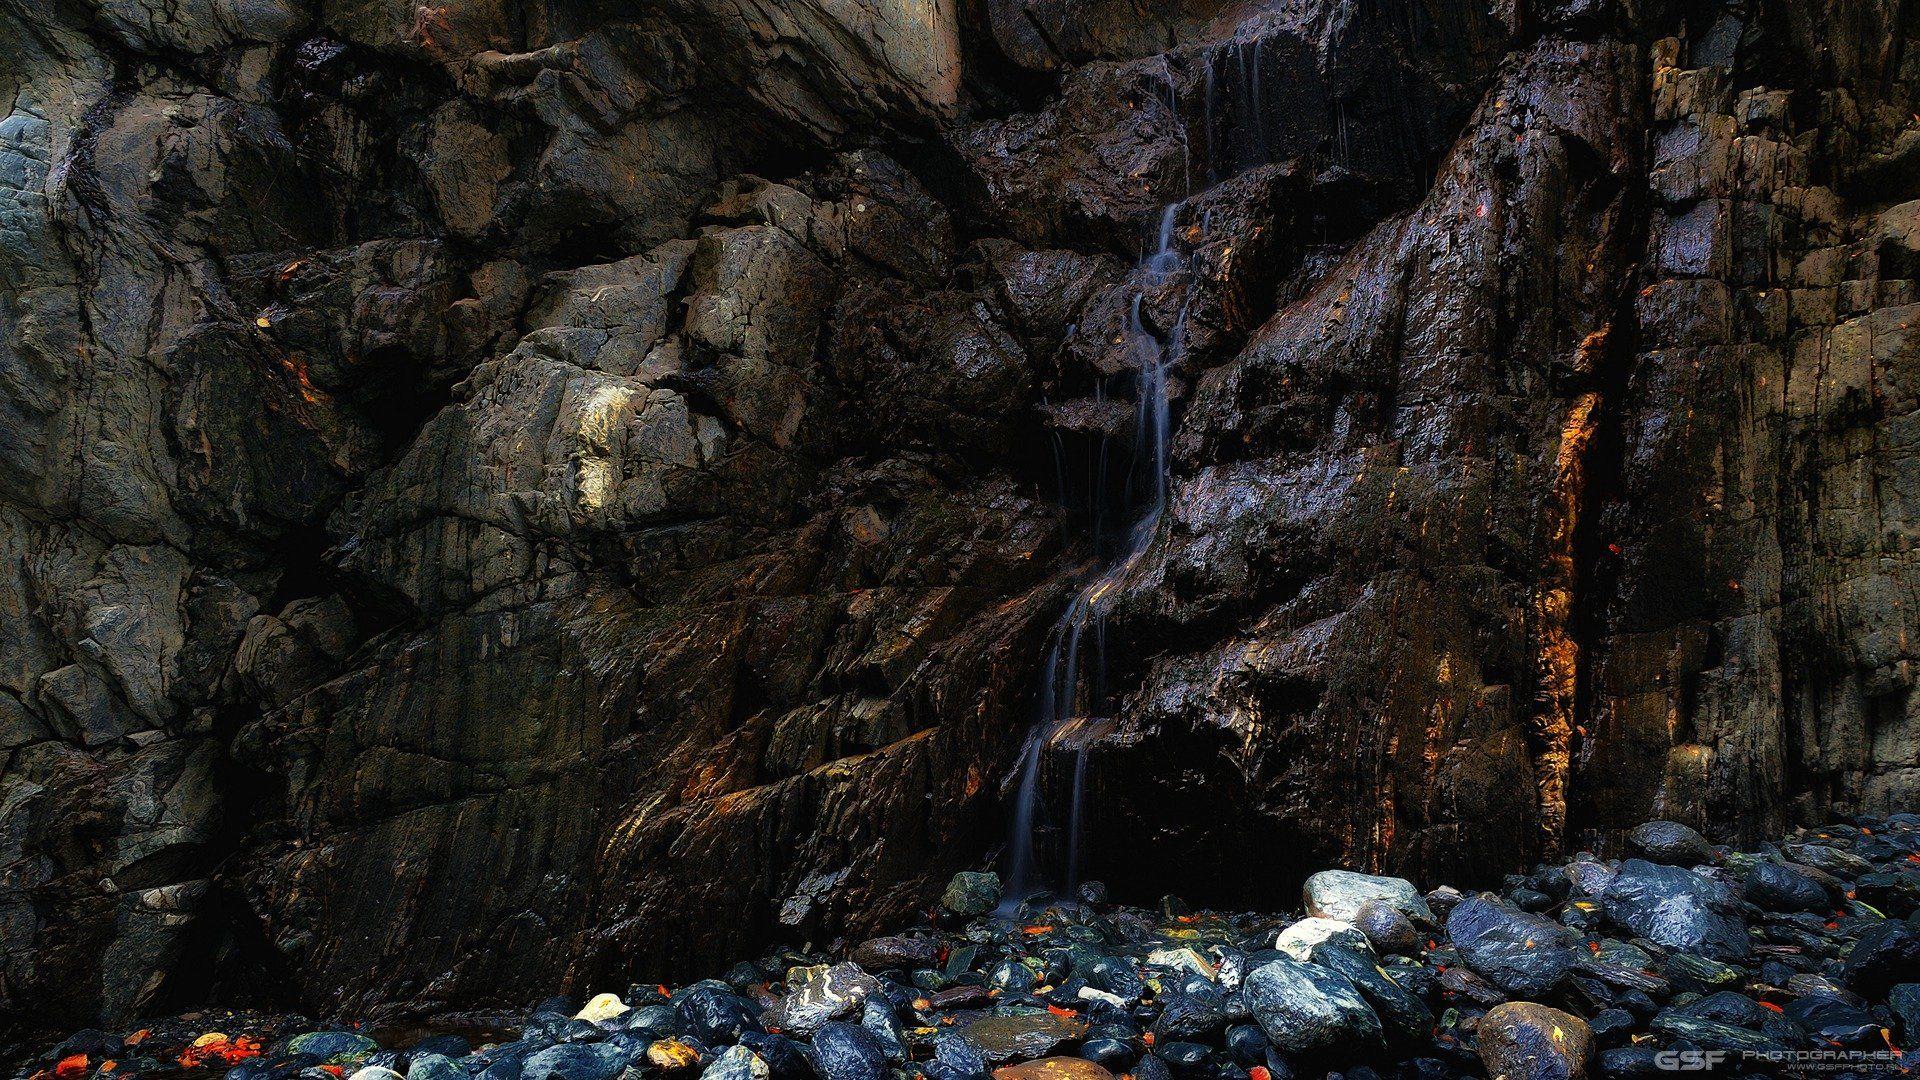 горы скалы каньон камни водопад, Serj Master